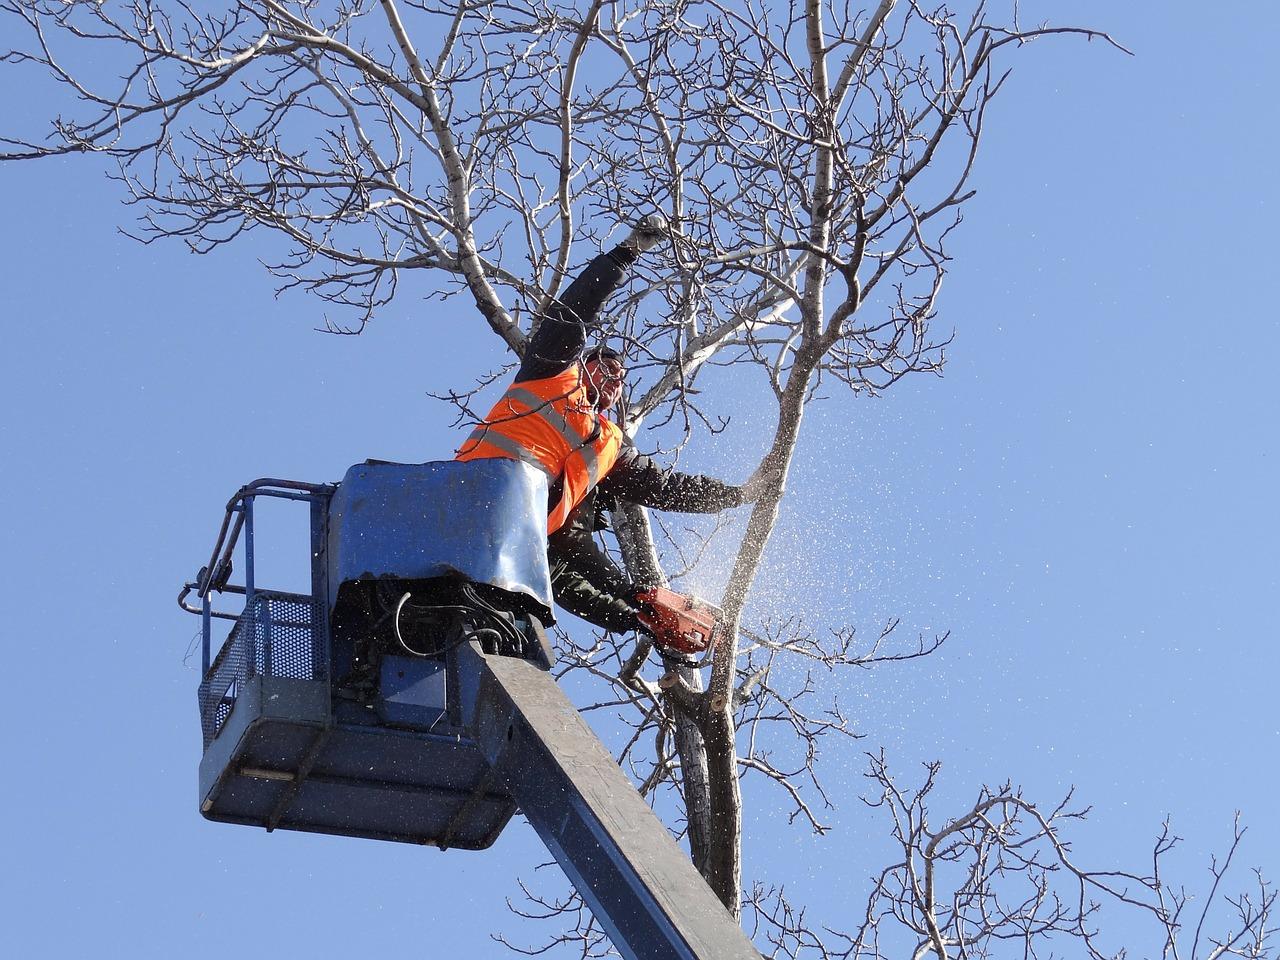 Kácení stromů rizikové a běžné profesionálně zajistí Král – zahradnické práce, Praha 5